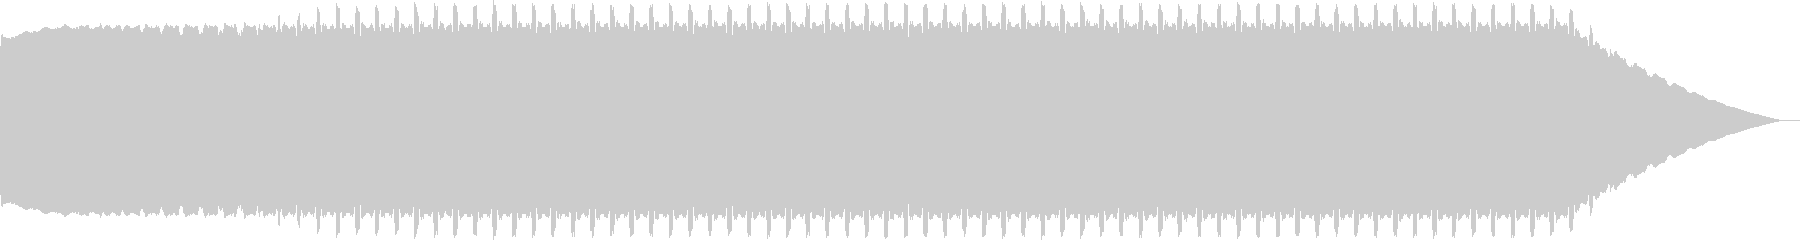 ファミコンチャージSEの未再生の波形